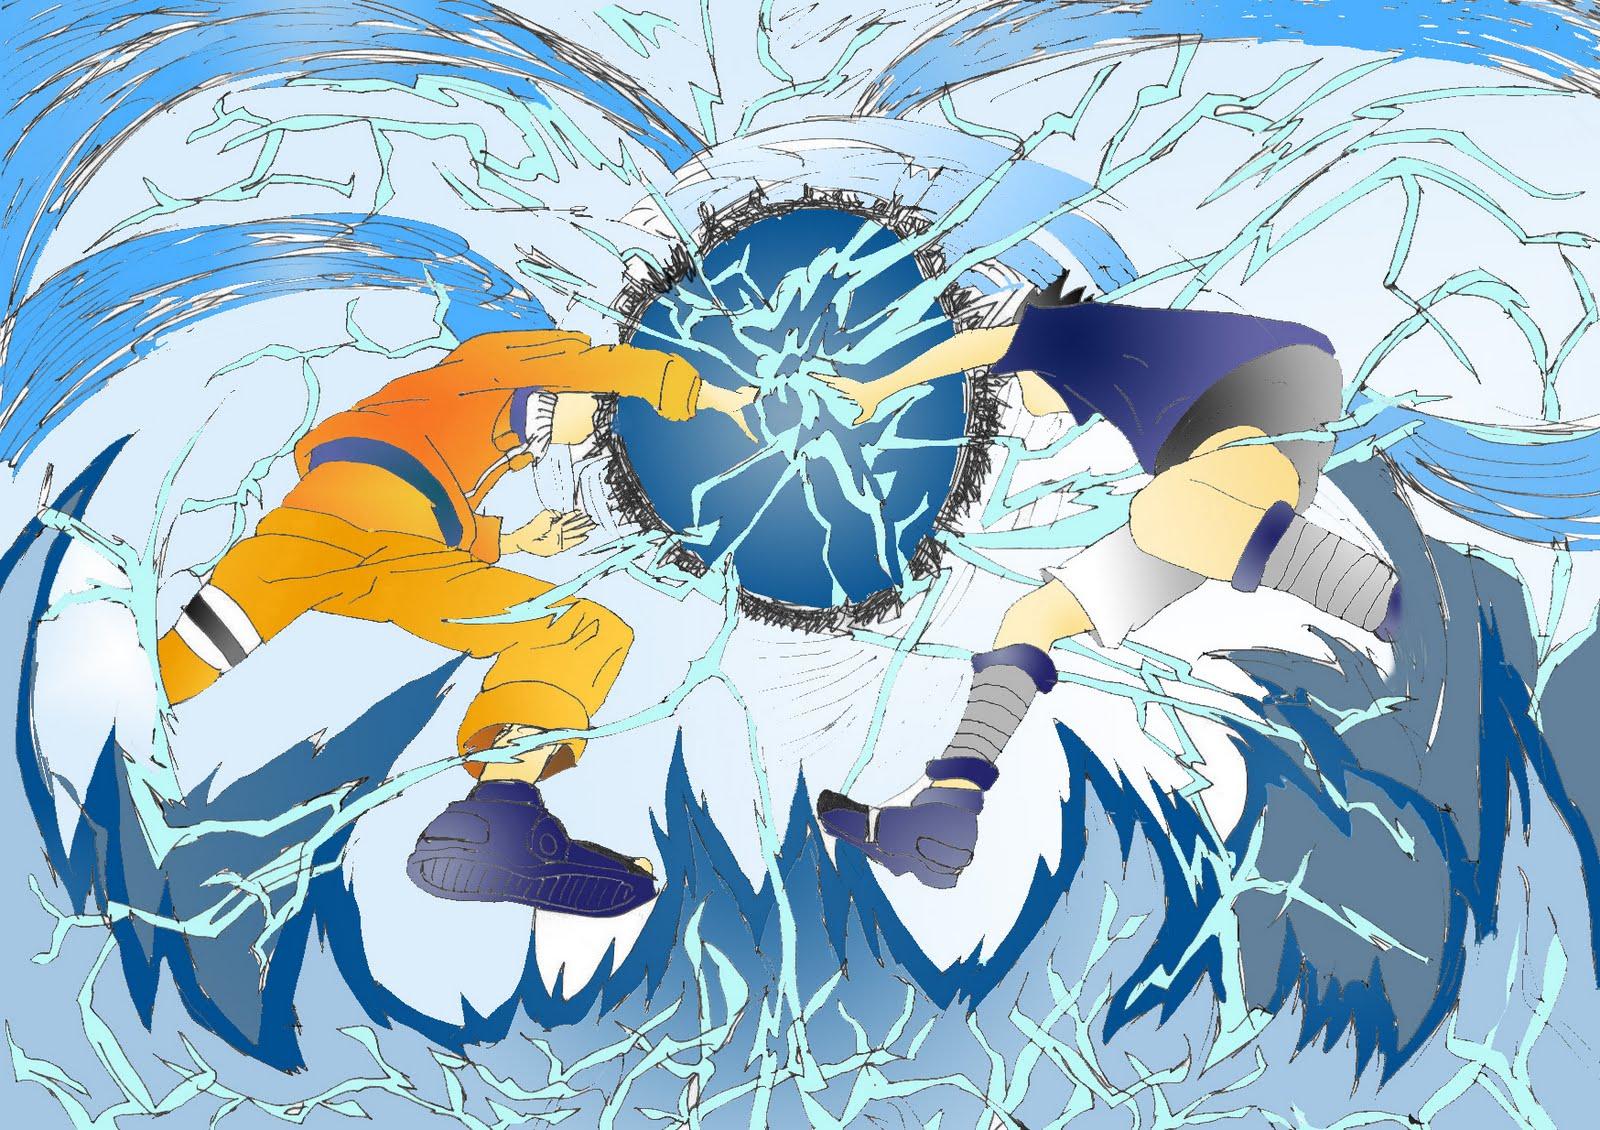 Good Wallpaper Naruto Original - naruto+vs+sasuke+wallpaper+3222221  You Should Have_134020.jpg